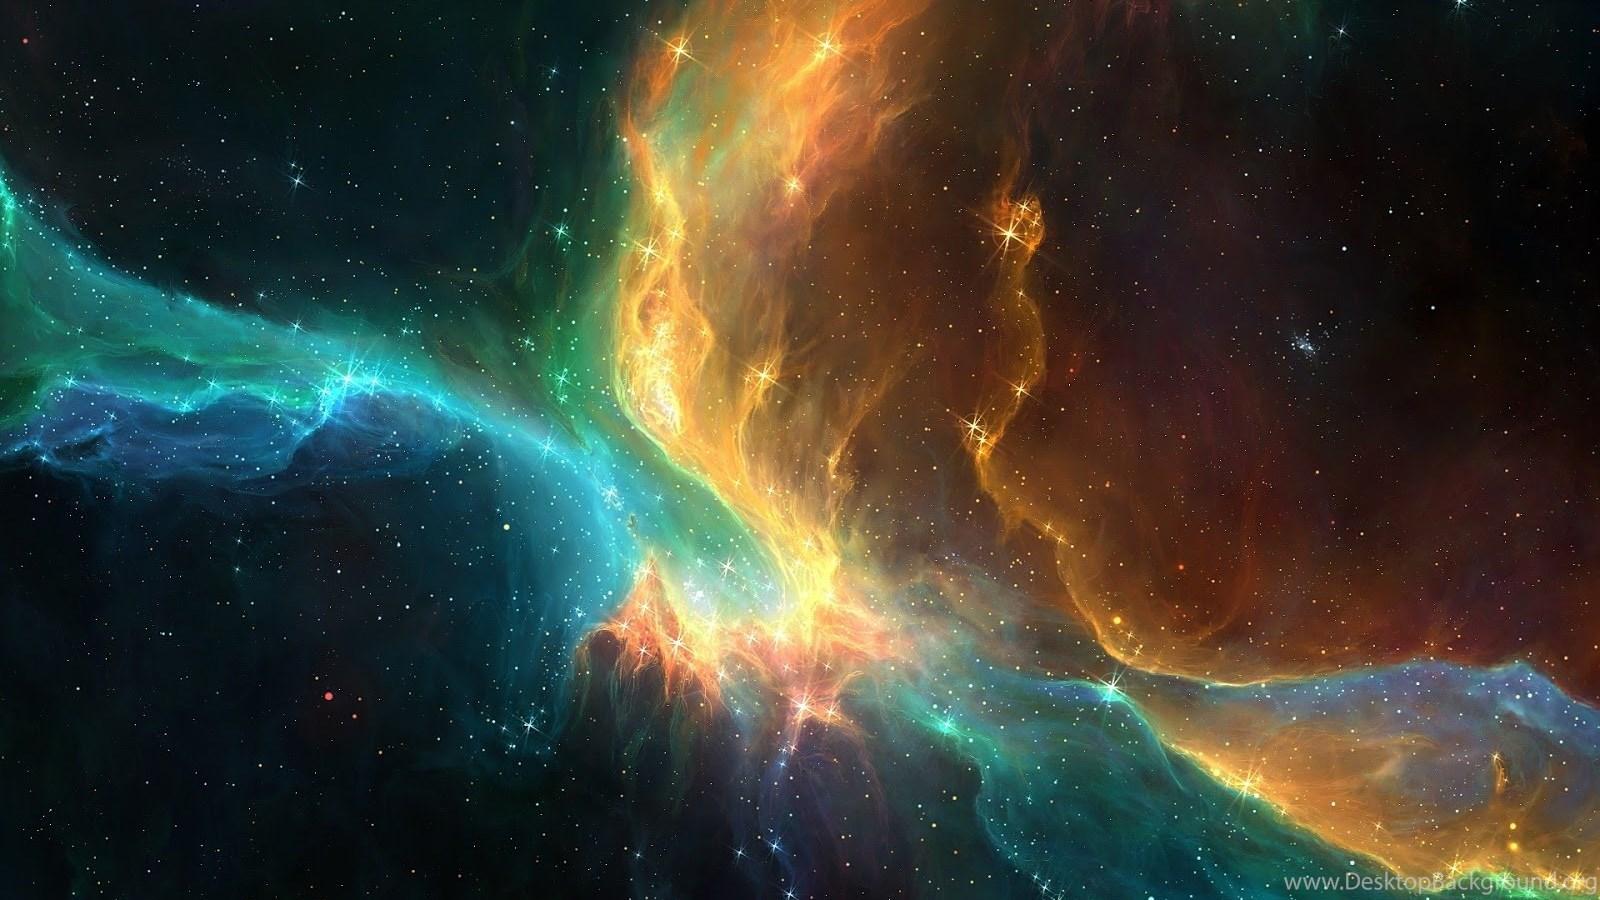 Nebula Desktop Backgrounds Hd Pics About Space Desktop Background